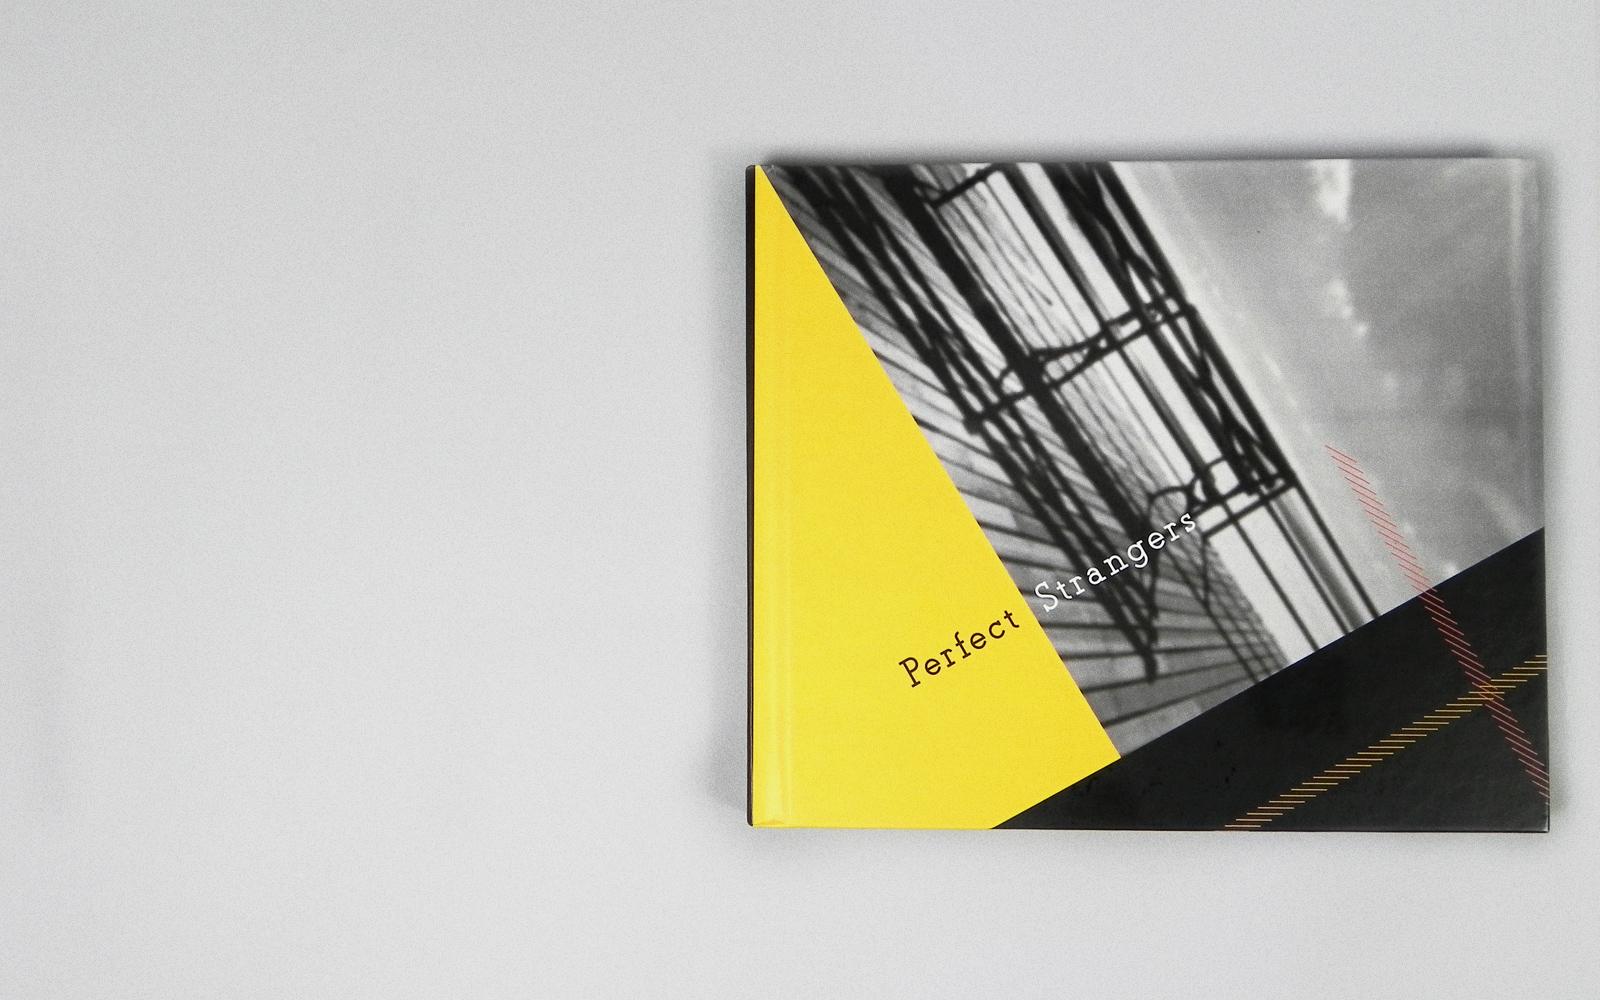 PERFECT STRANGERS BOOK - RENATO CERQUEIRA